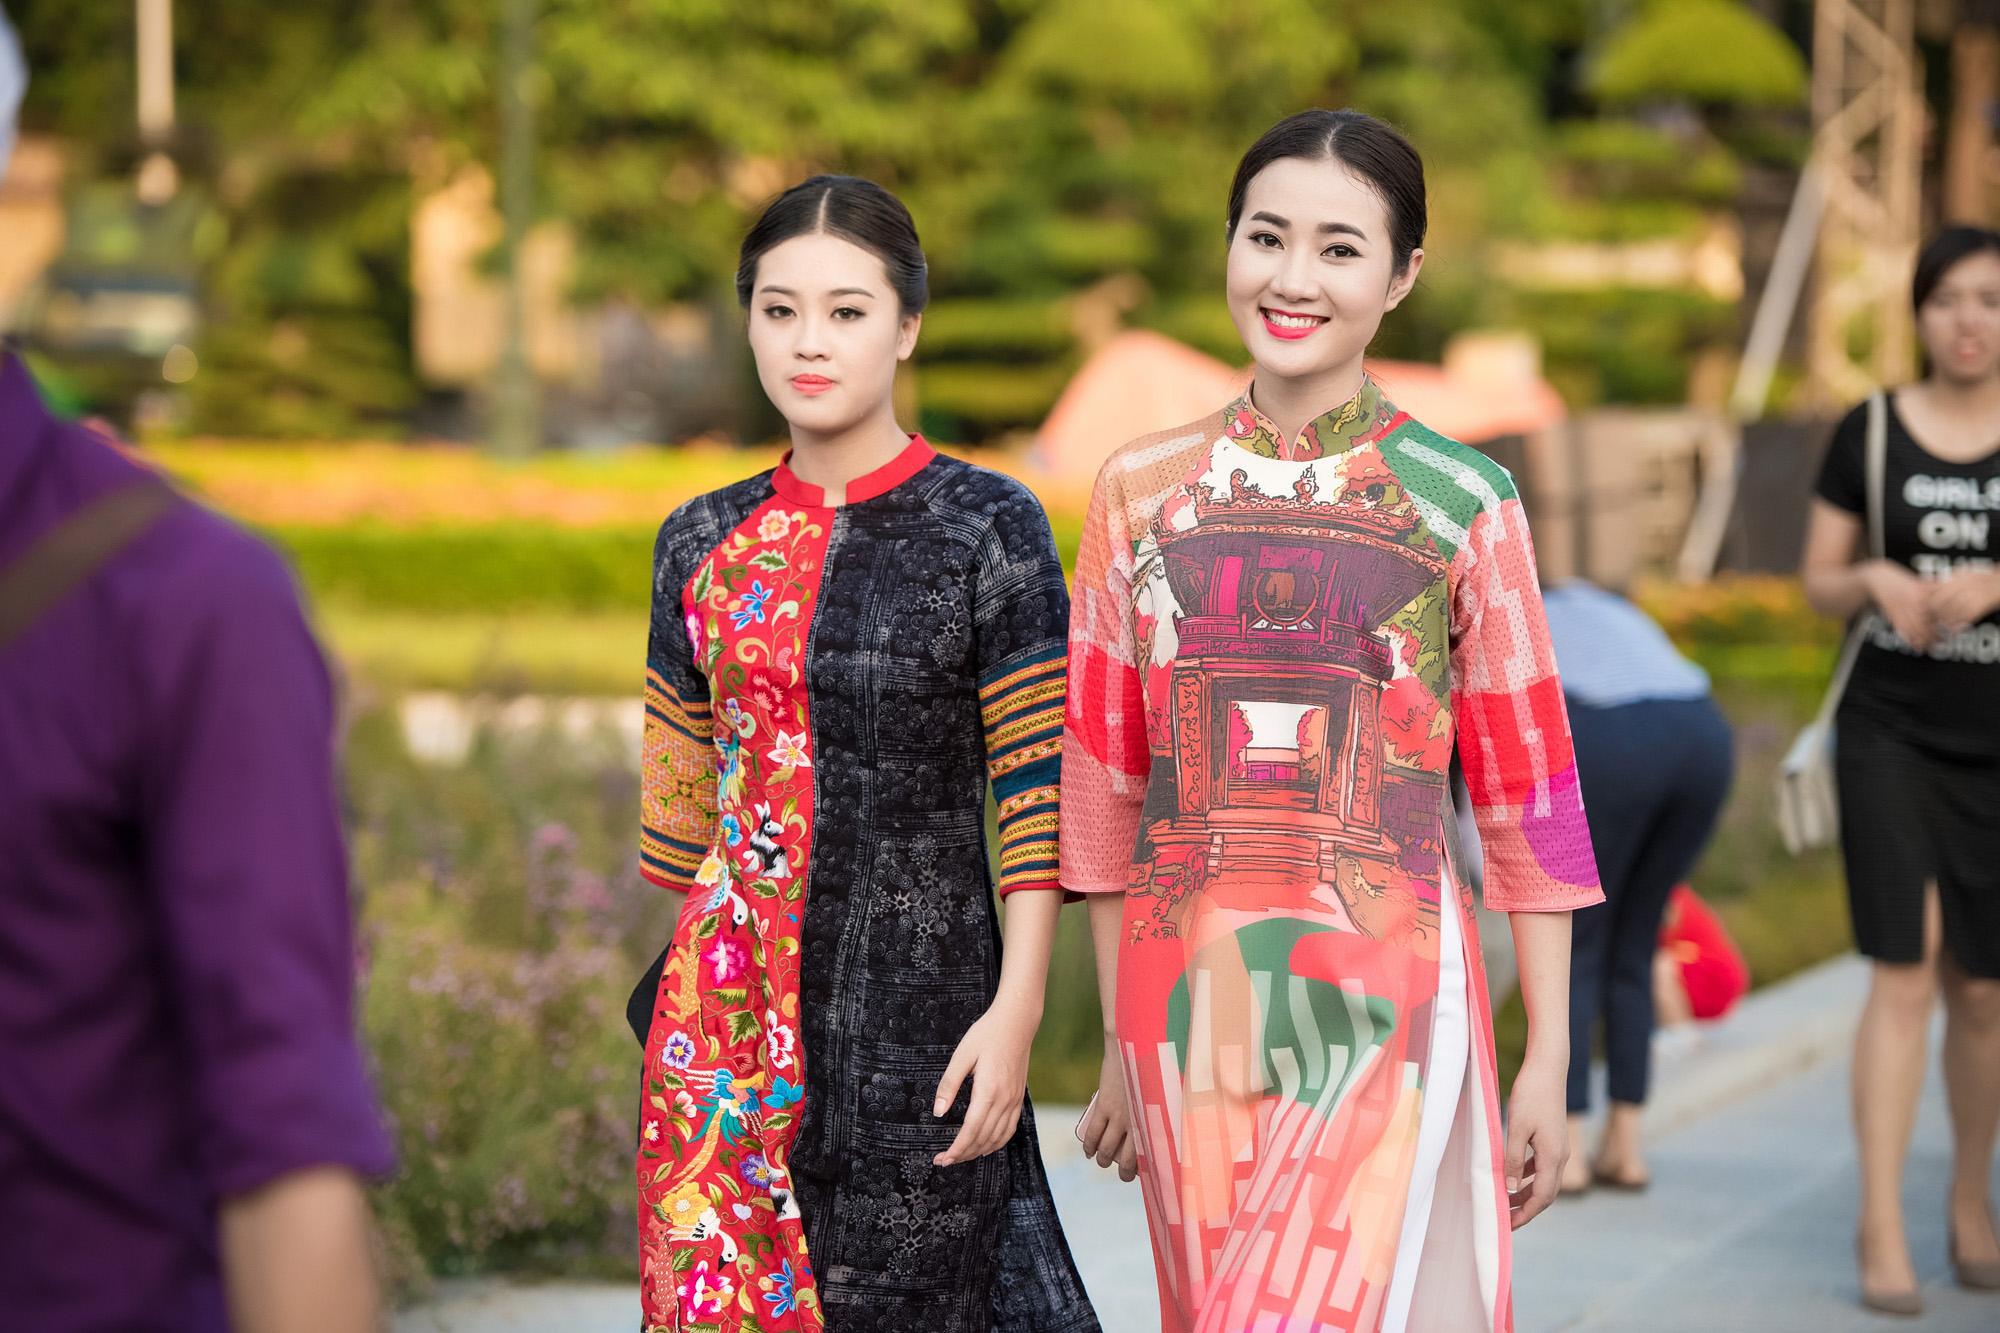 Festival áo dài ngày cuối - Người đẹp mặc áo dài đi diễu hành qua phố 2